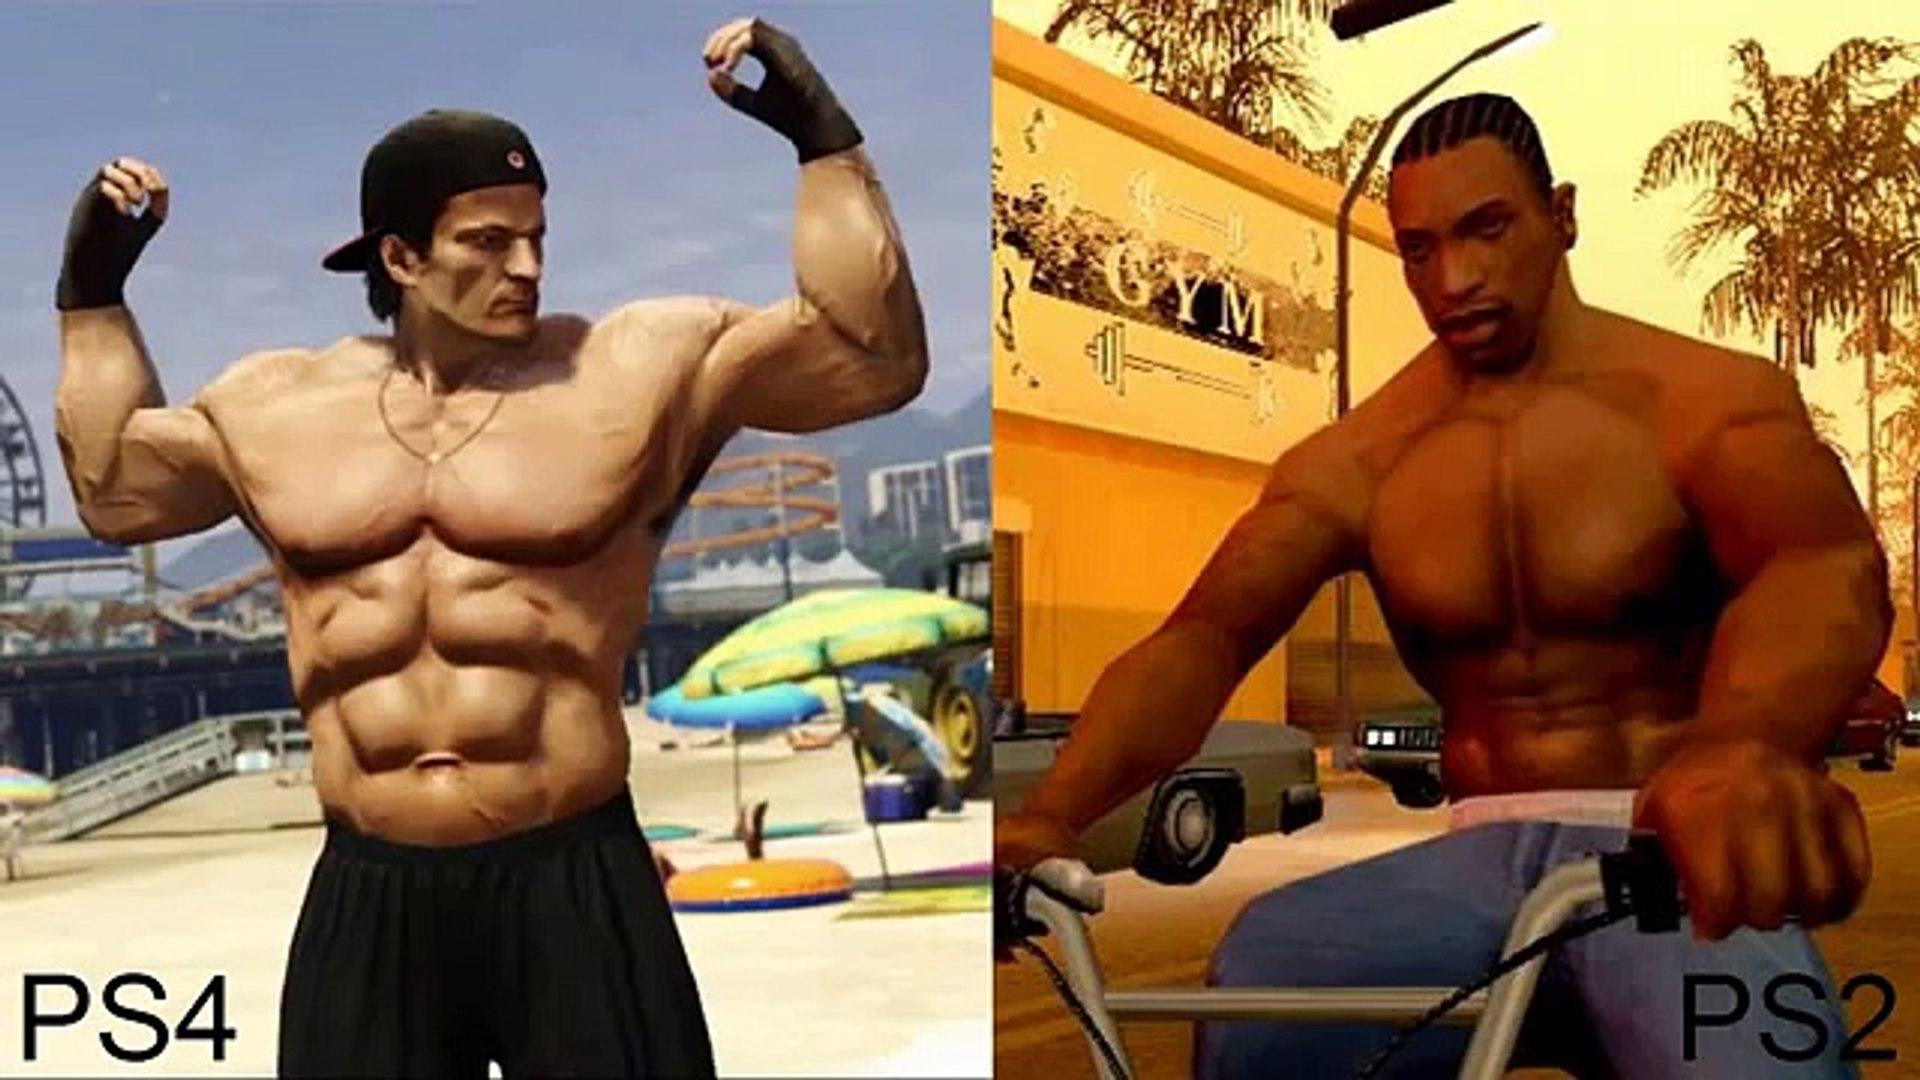 PS4 vs PS2 Graphics Comparison Gta 5 vs Gta San Andreas FULL HD 1080p